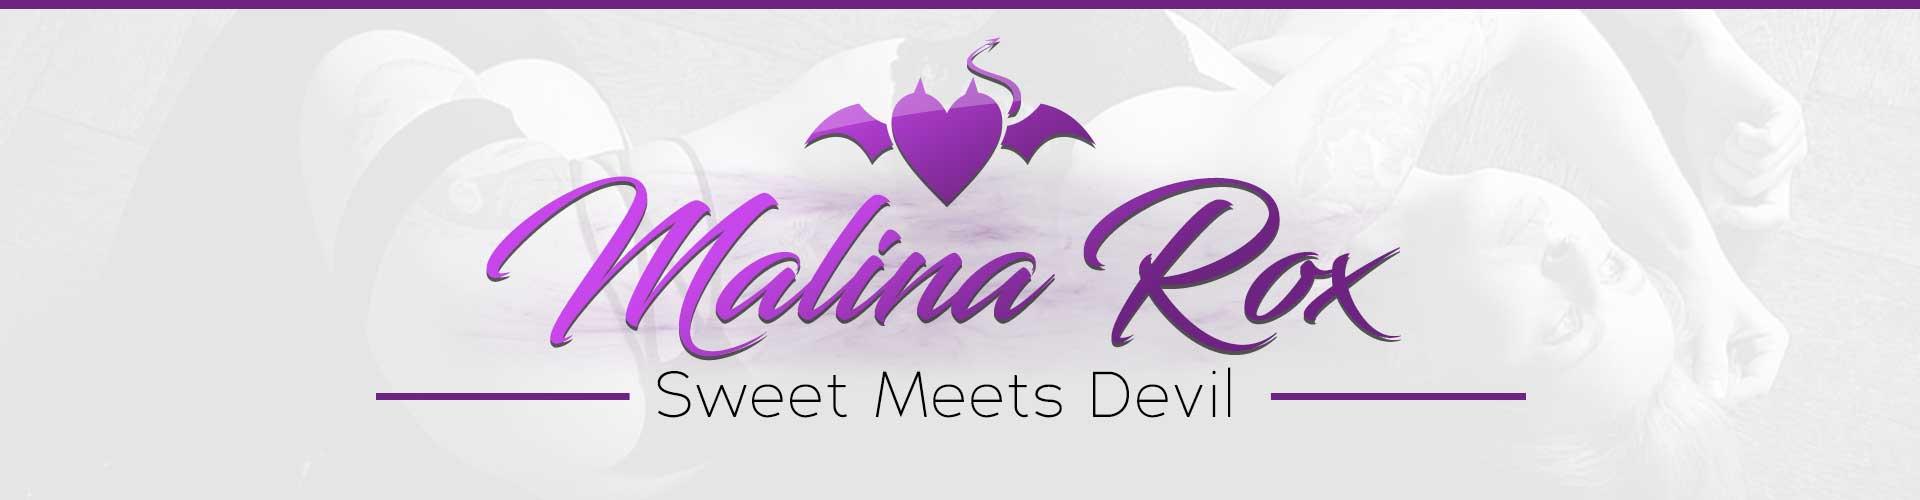 Malina Rox - Sweet Meet Devil